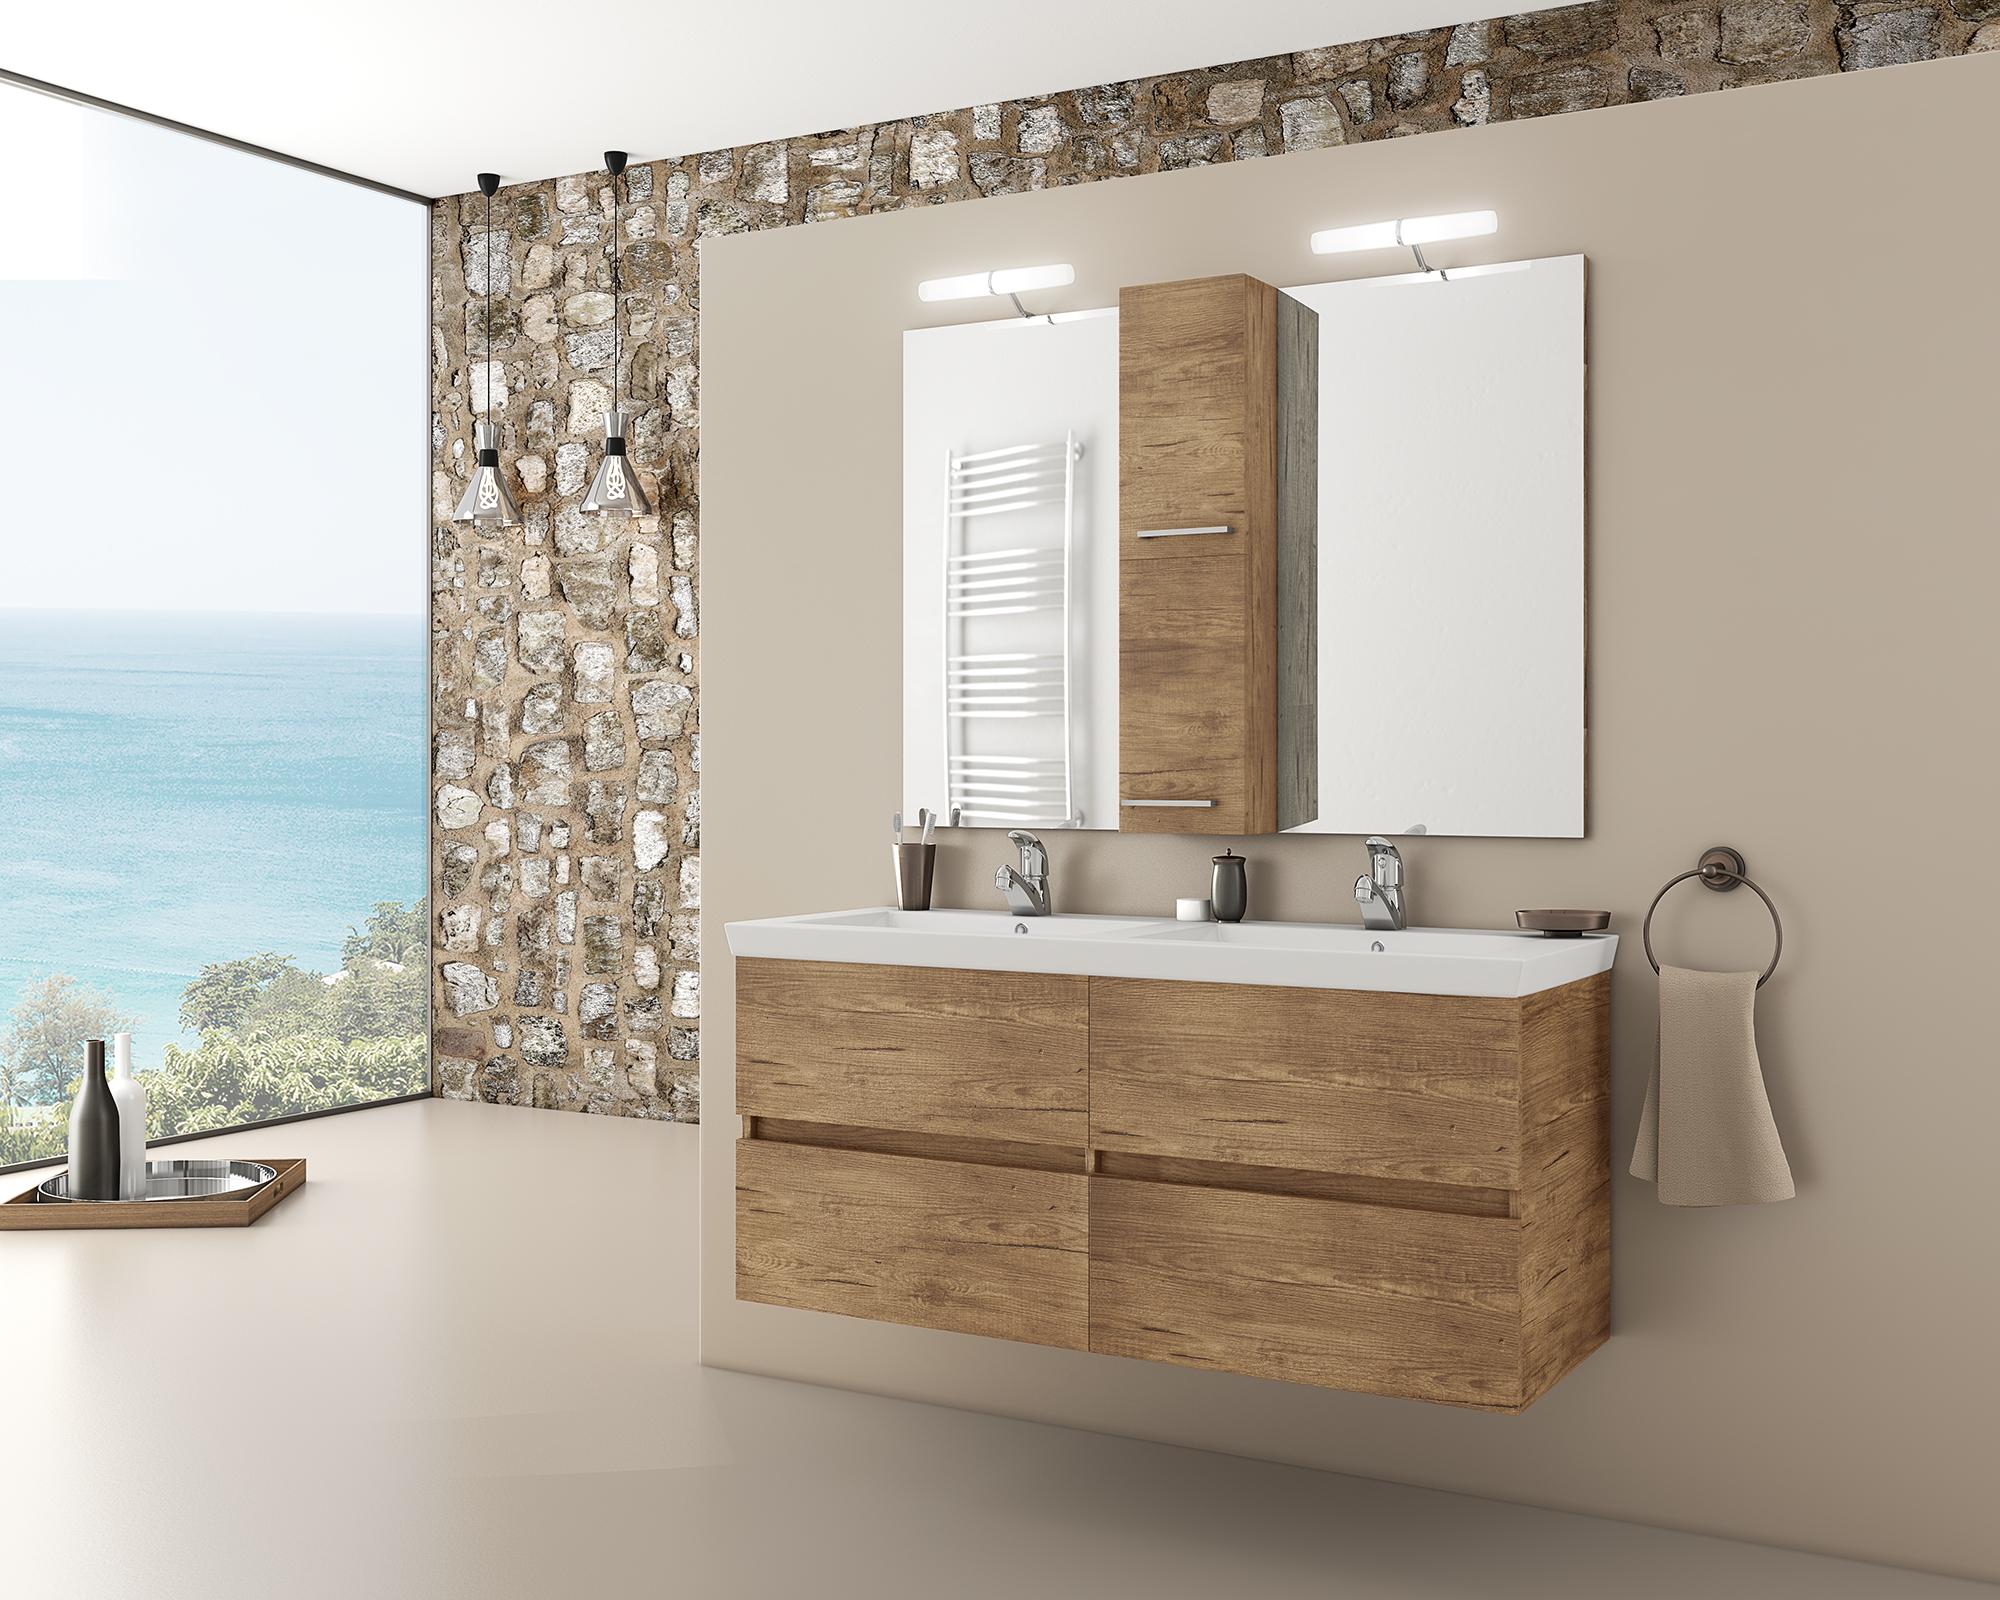 Martinidis Luxus ξύλο